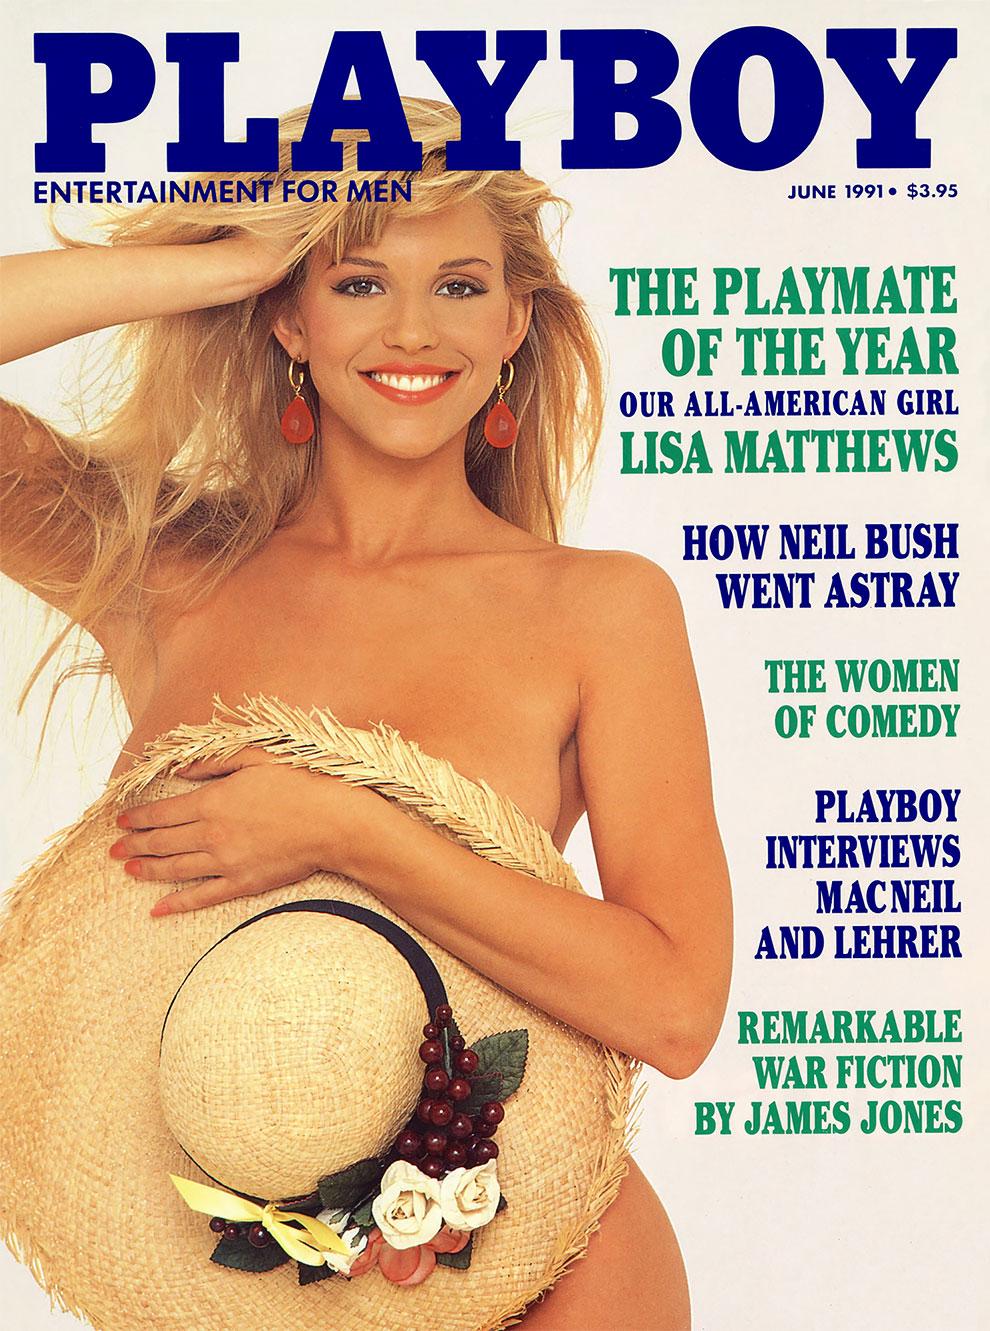 30 лет спустя: журнал Playboy воссоздал свои культовые обложки с теми же моделями 13